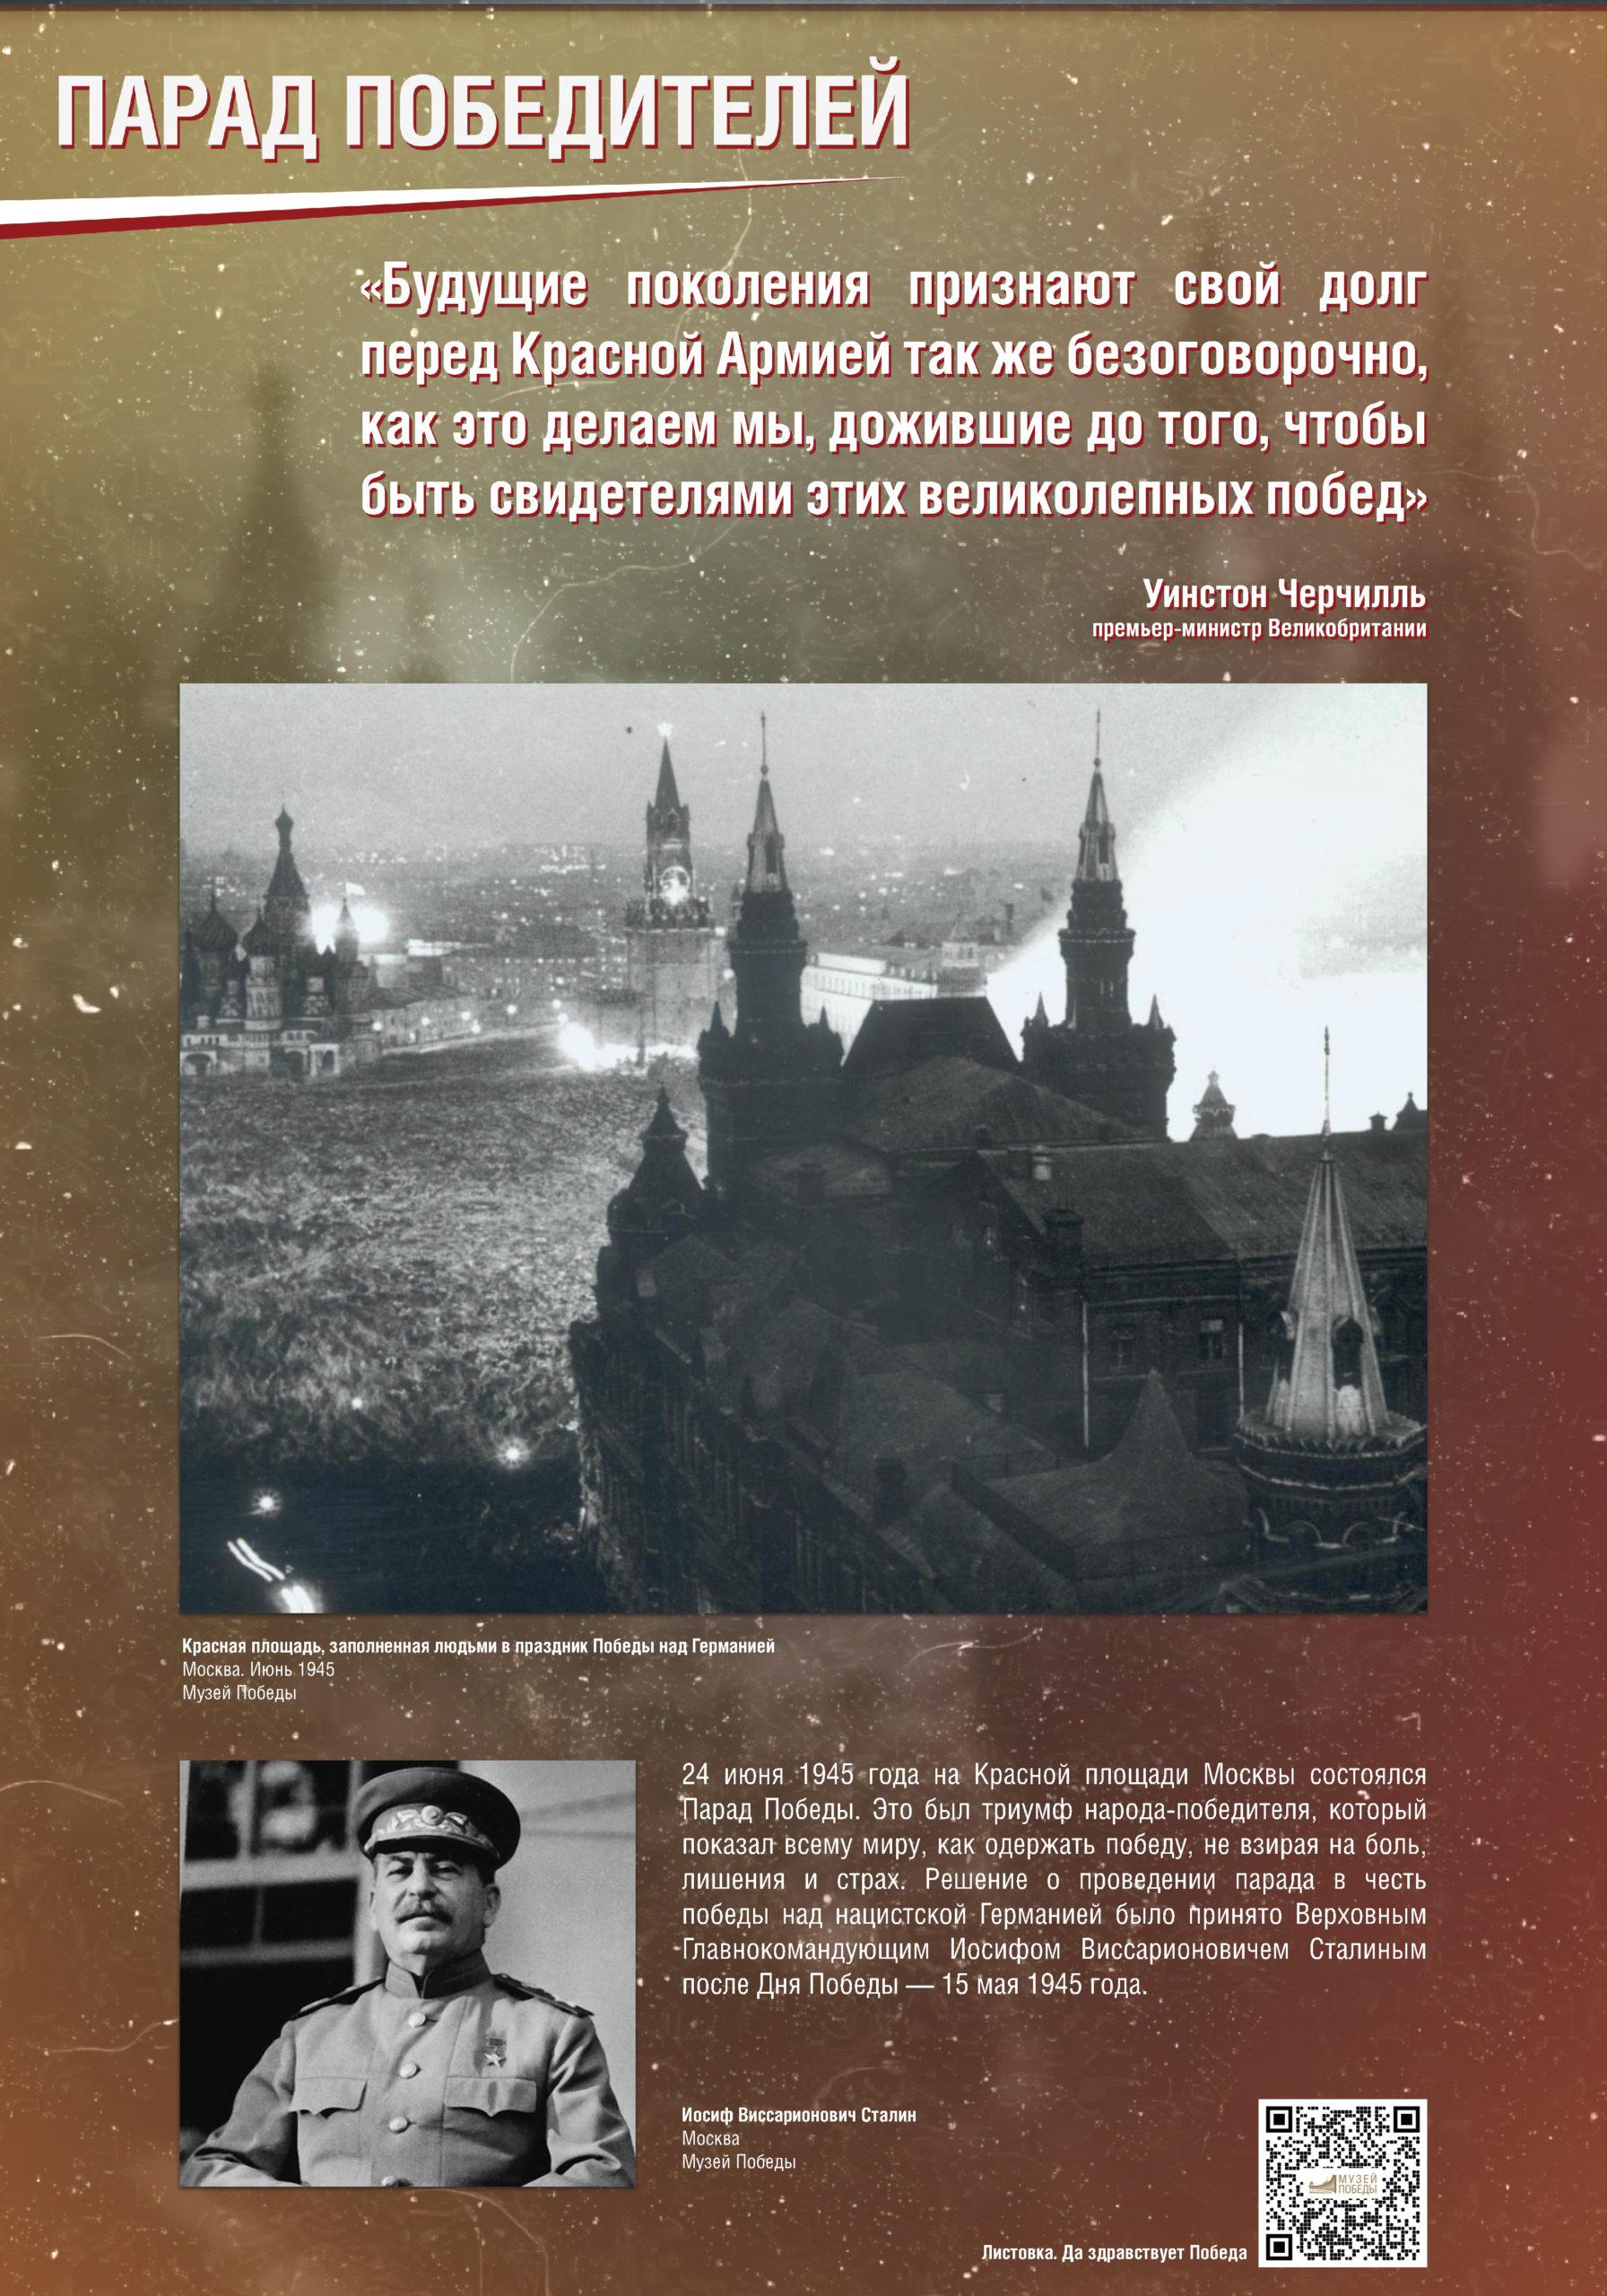 parad_pobediteley_1906_Page3